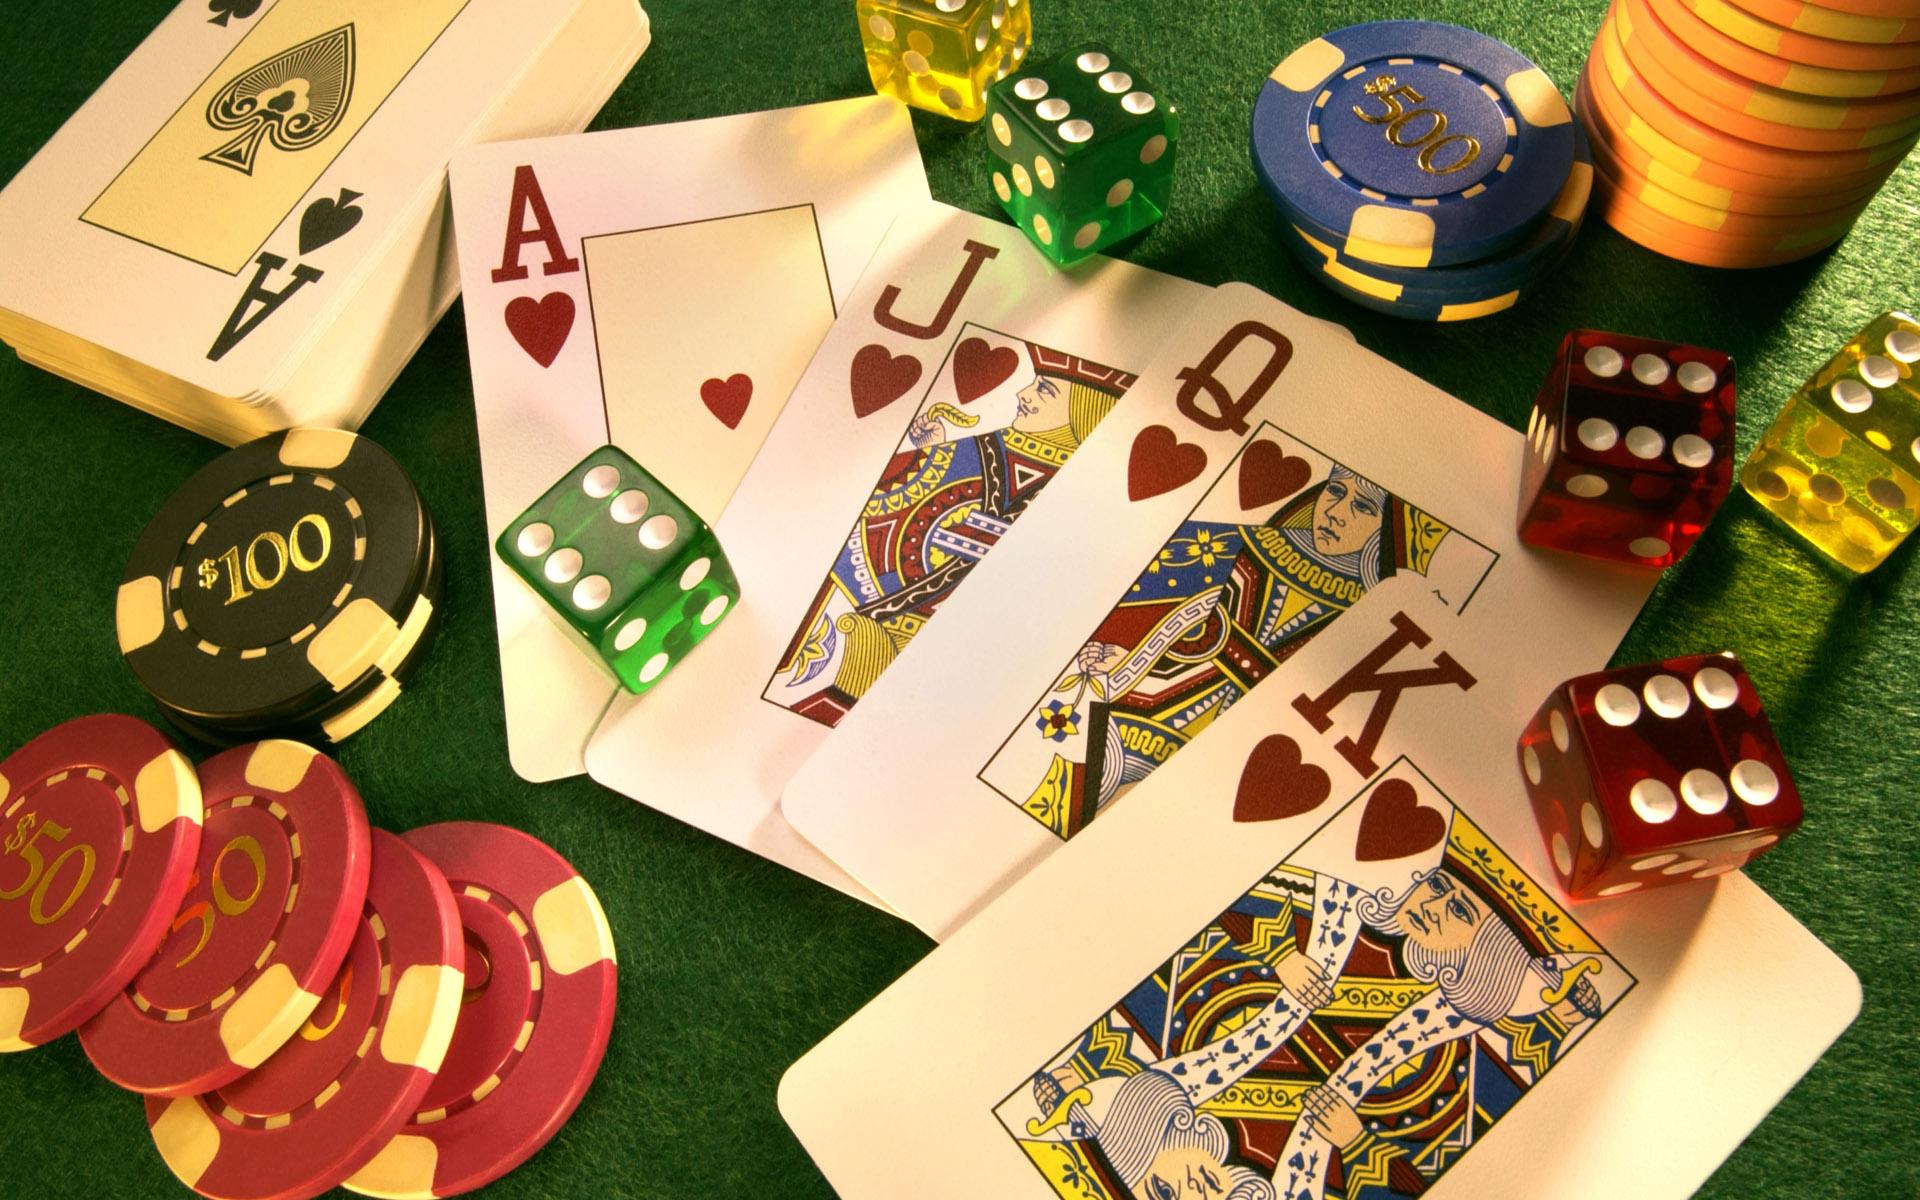 Kiat Mengalahkan Bandar Blackjack Casino Online Terpercaya